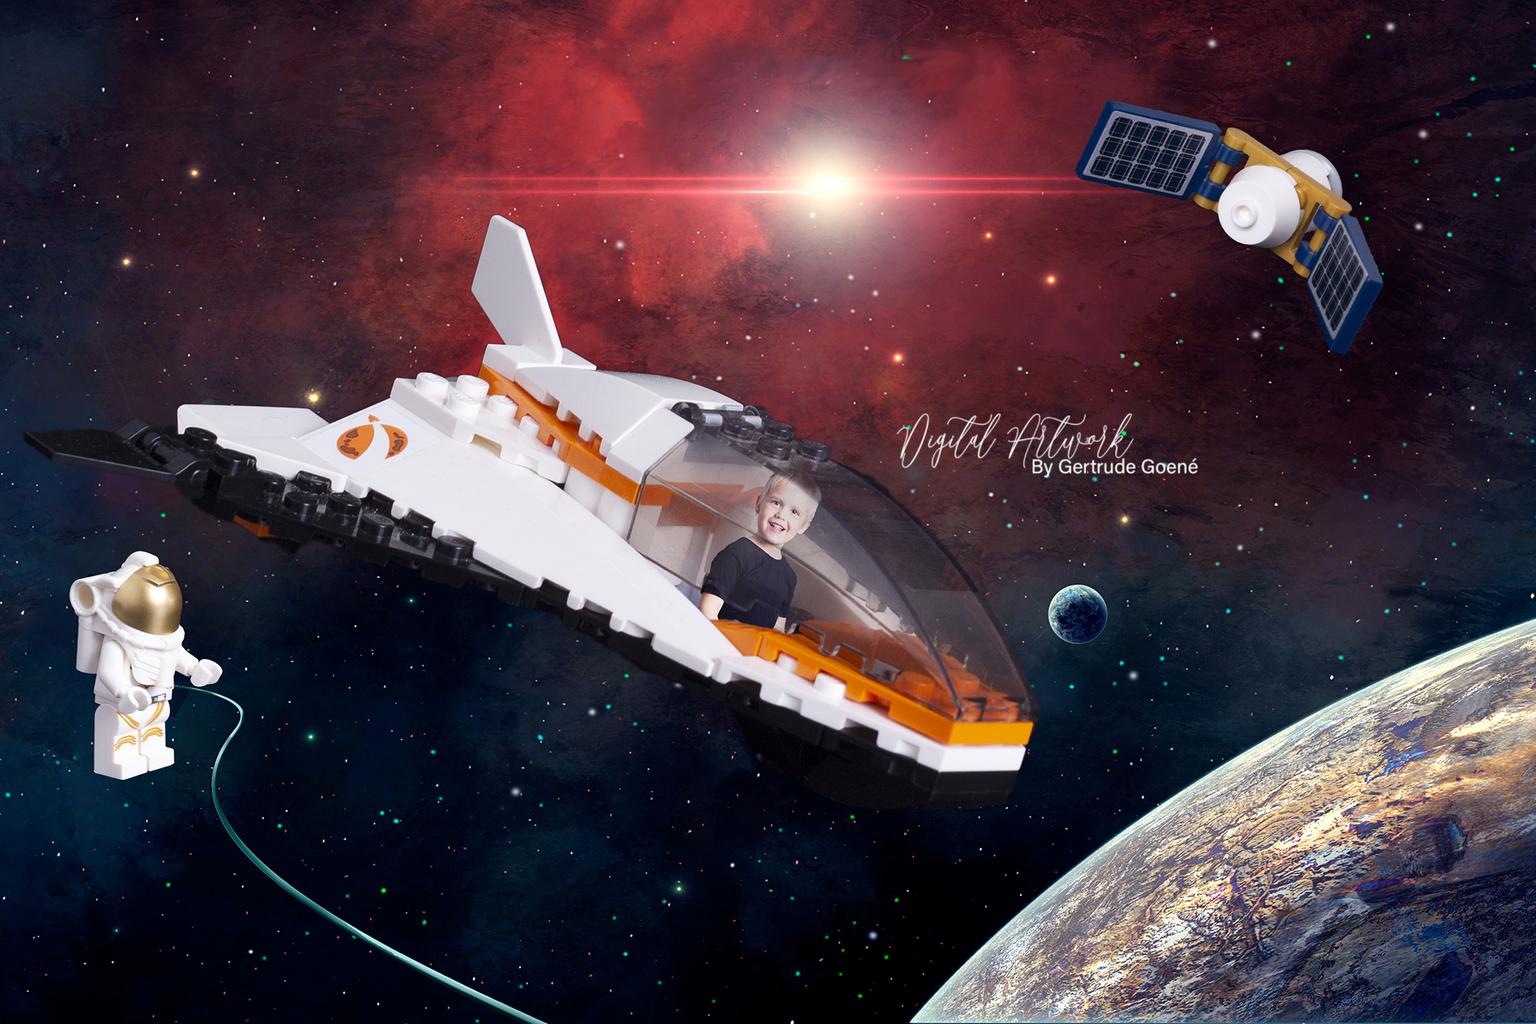 Ruimte wandeling met Astronaut  - Vandaag heeft Aryen geholpen met een ruimte wandeling die zijn Astronaut collega moest uitvoeren om de Sataliet te beoordelen of hij nog goed was. Ui - foto door LegoUniverseAryen op 15-04-2021 - deze foto bevat: lego, legomasters, kunst, digitale kunst, fotomanipulatie, wereld, licht, ruimtevaartuig, astronomisch object, ruimte, wetenschap, voertuig, ruimte, ruimtevliegtuig, kunst